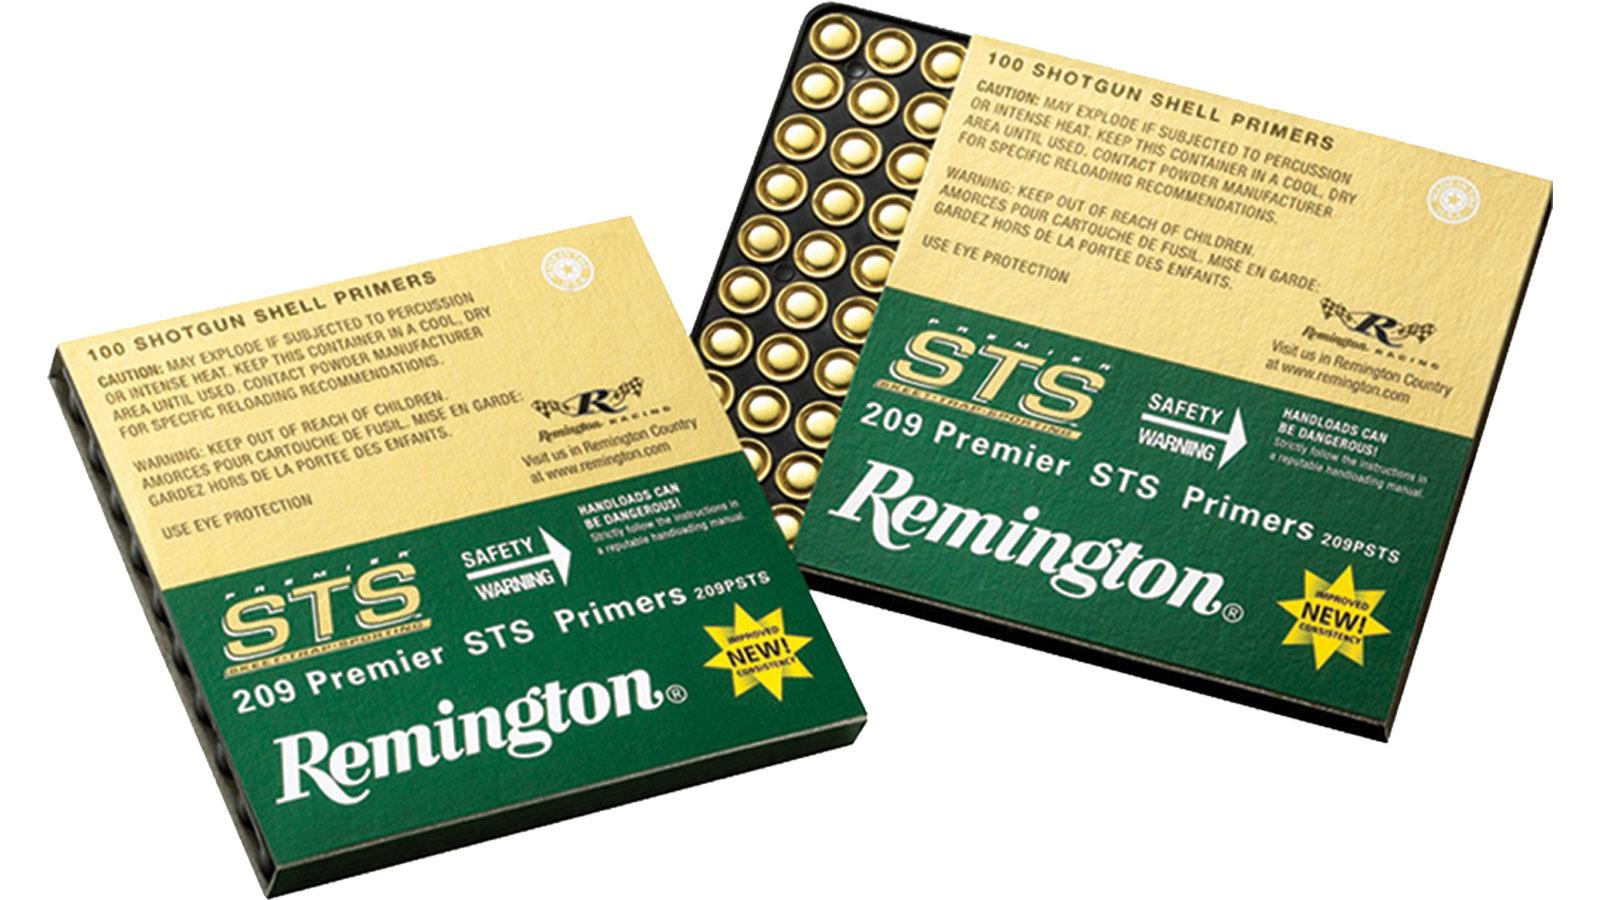 Remington Ammunition 209PSTSB Premier Shot-to-Shot